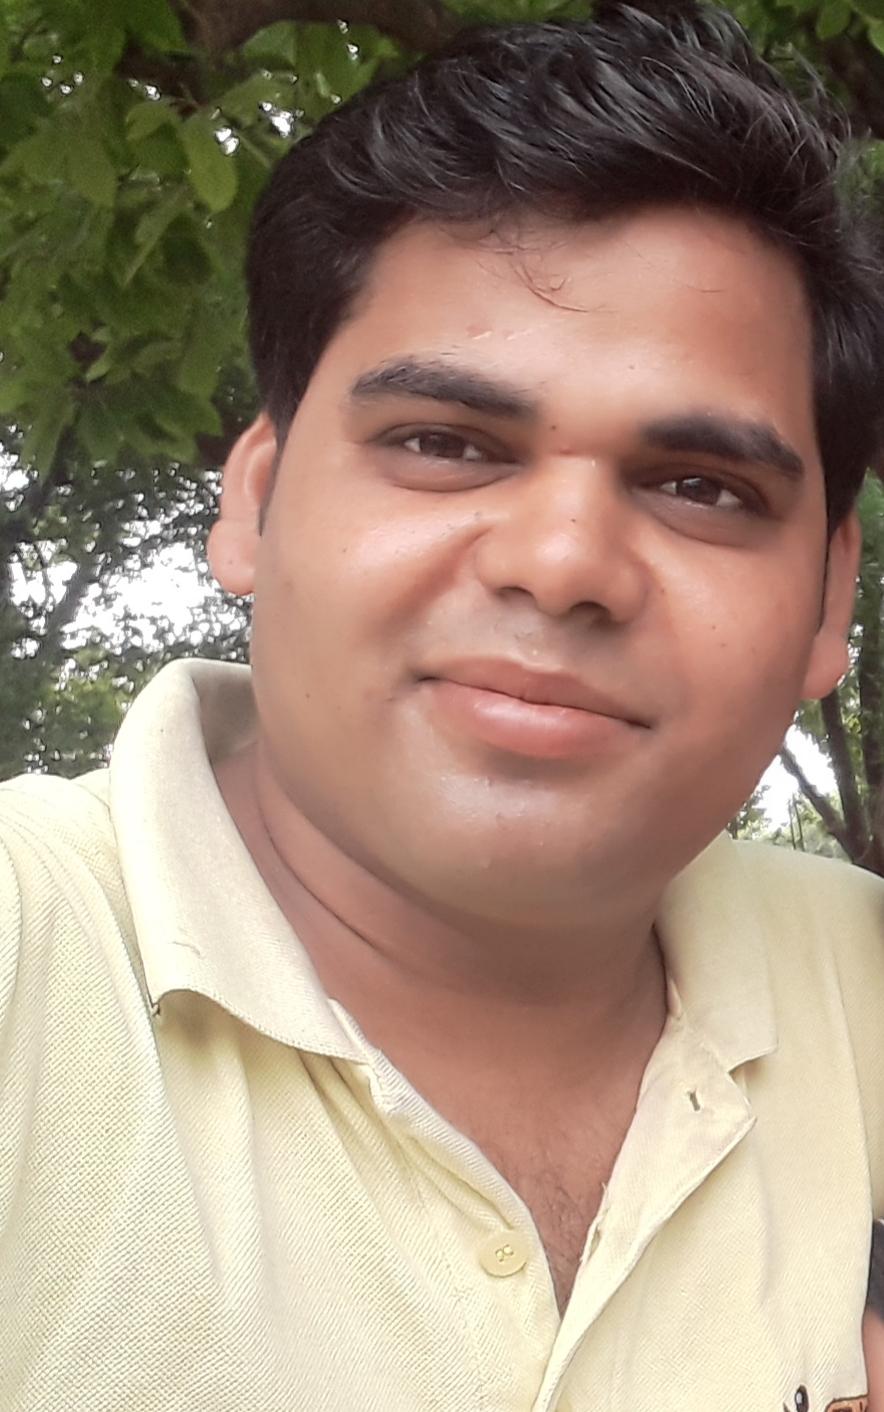 हिंदी समाचार |महजूदा साधन सहकारी समिति...